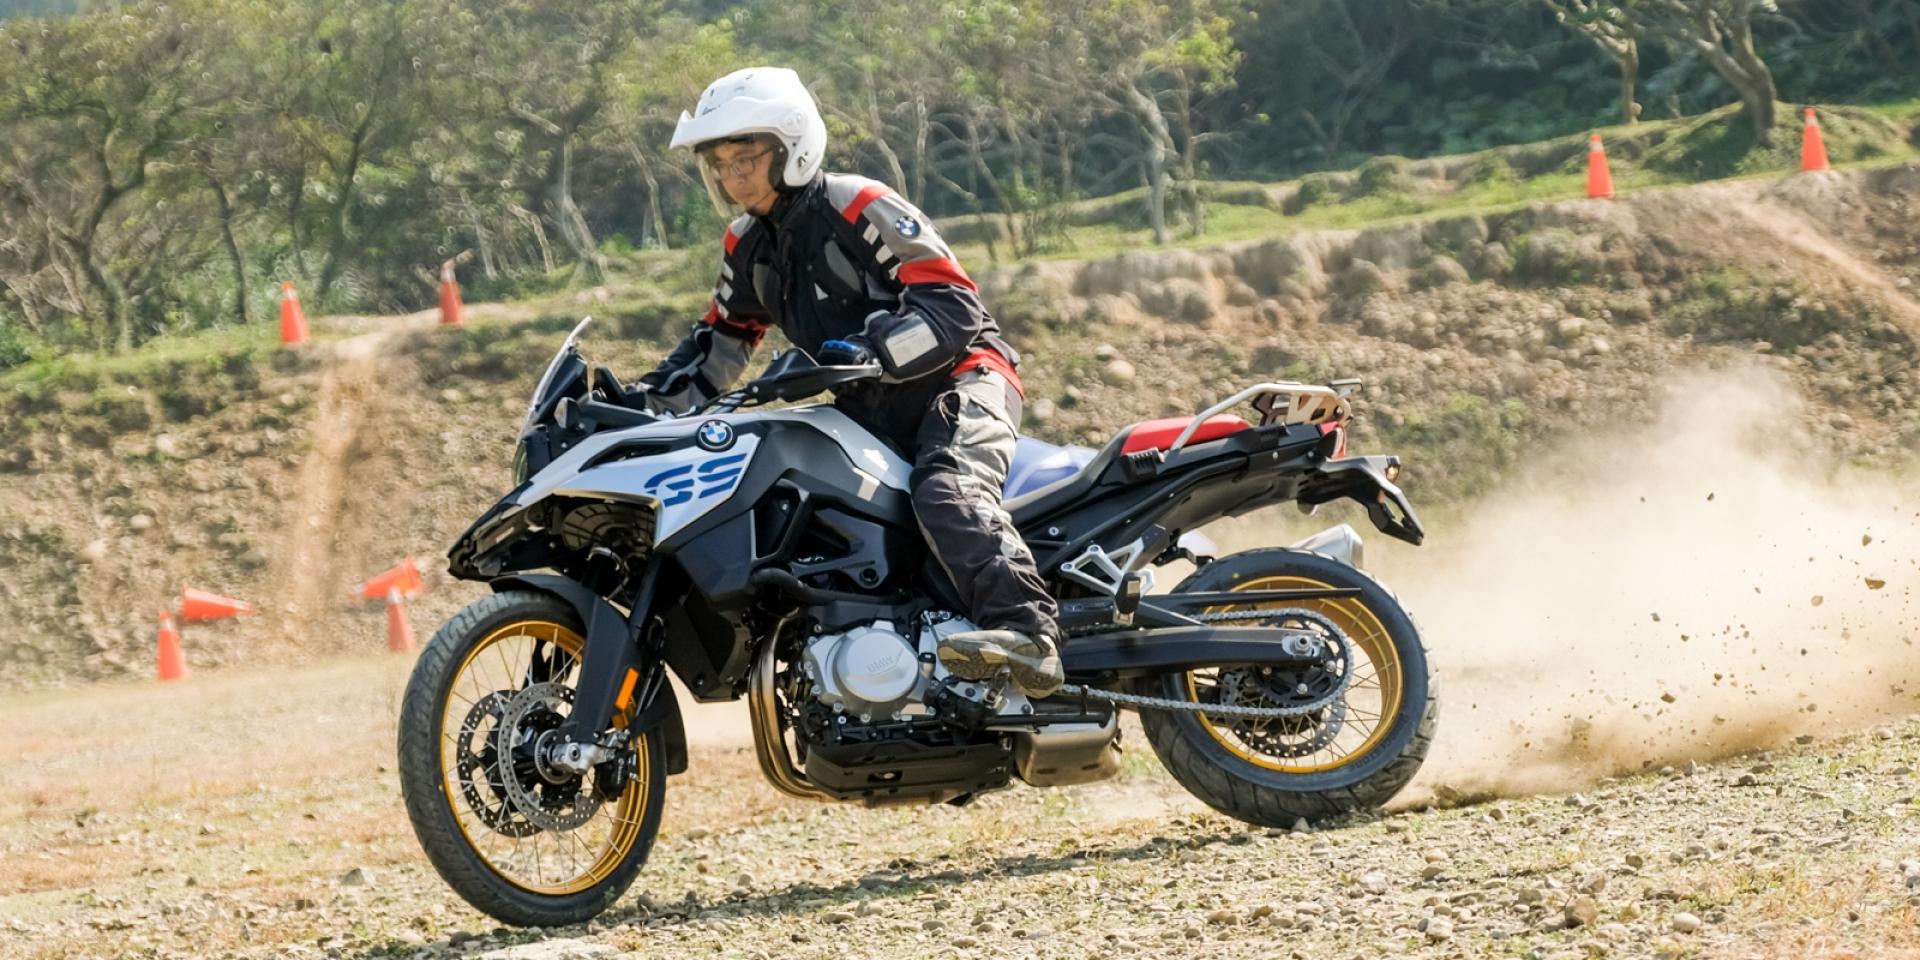 BMW越野課程體驗。F750/850 GS媒體試乘會